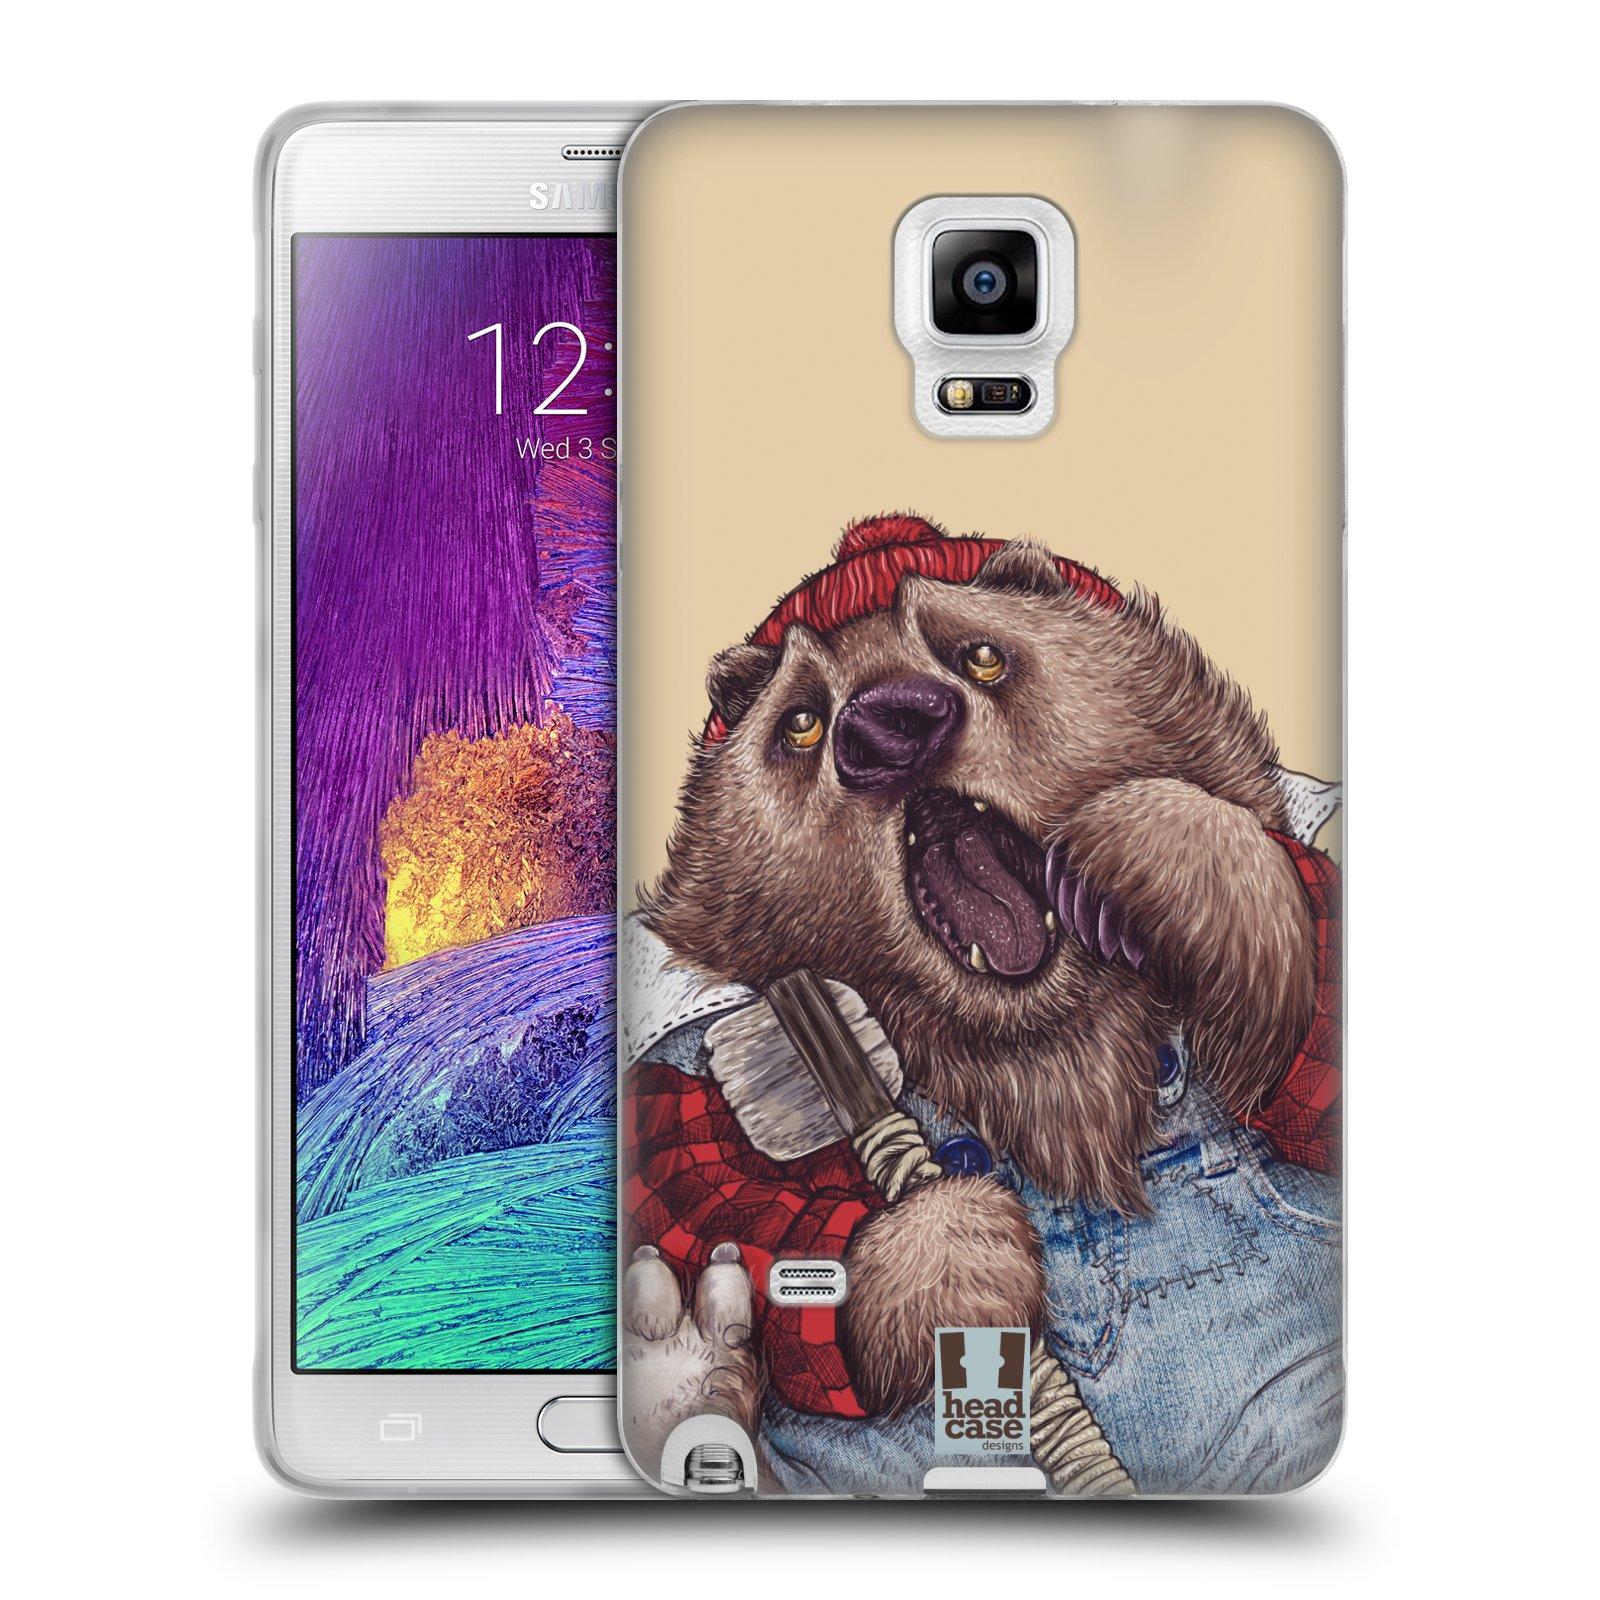 HEAD CASE silikonový obal na mobil Samsung Galaxy Note 4 (N910) vzor Kreslená zvířátka medvěd